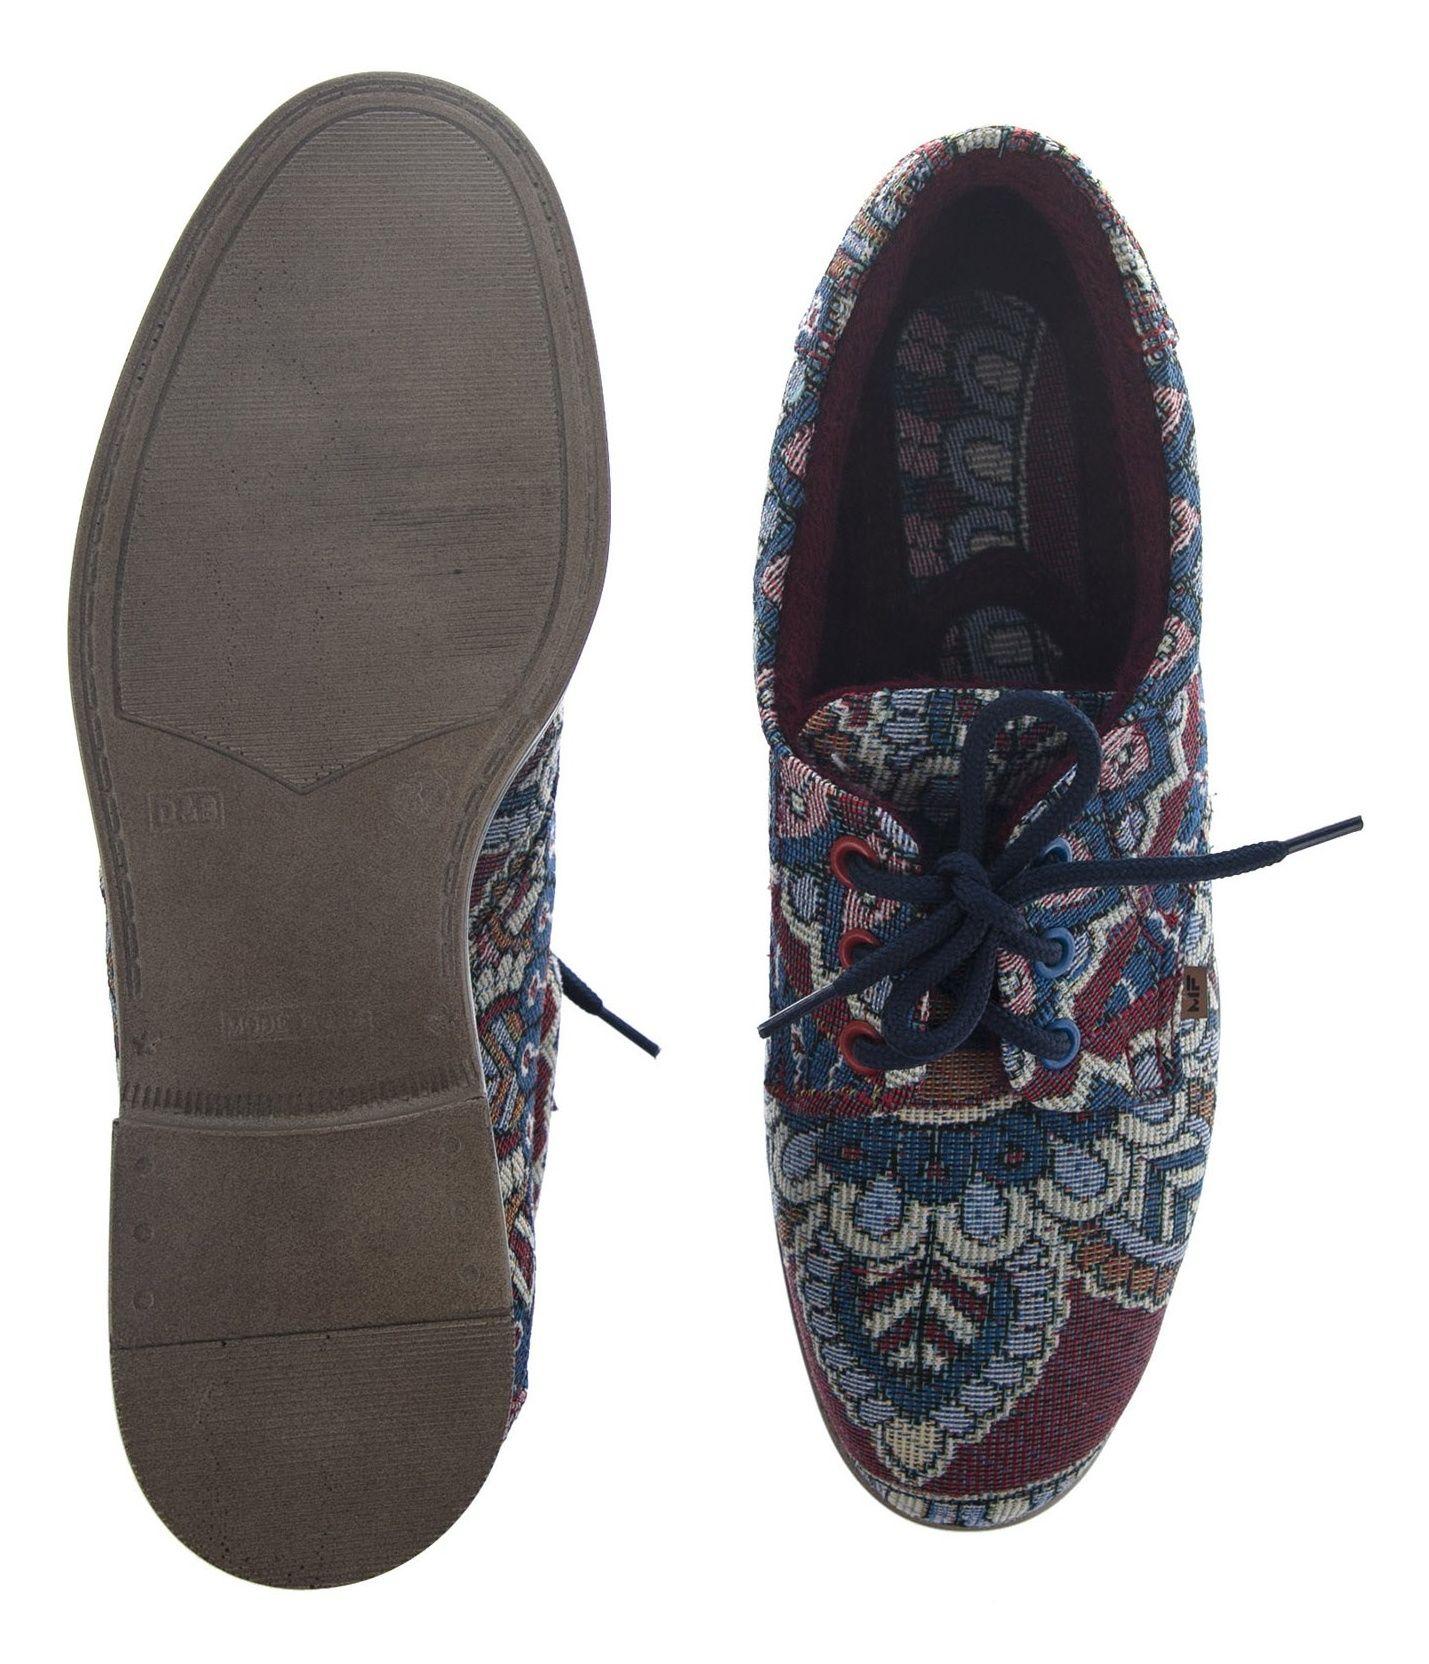 کفش تخت زنانه مدل طاووس - مینا فخارزاده - آبی / زرشکی - 2